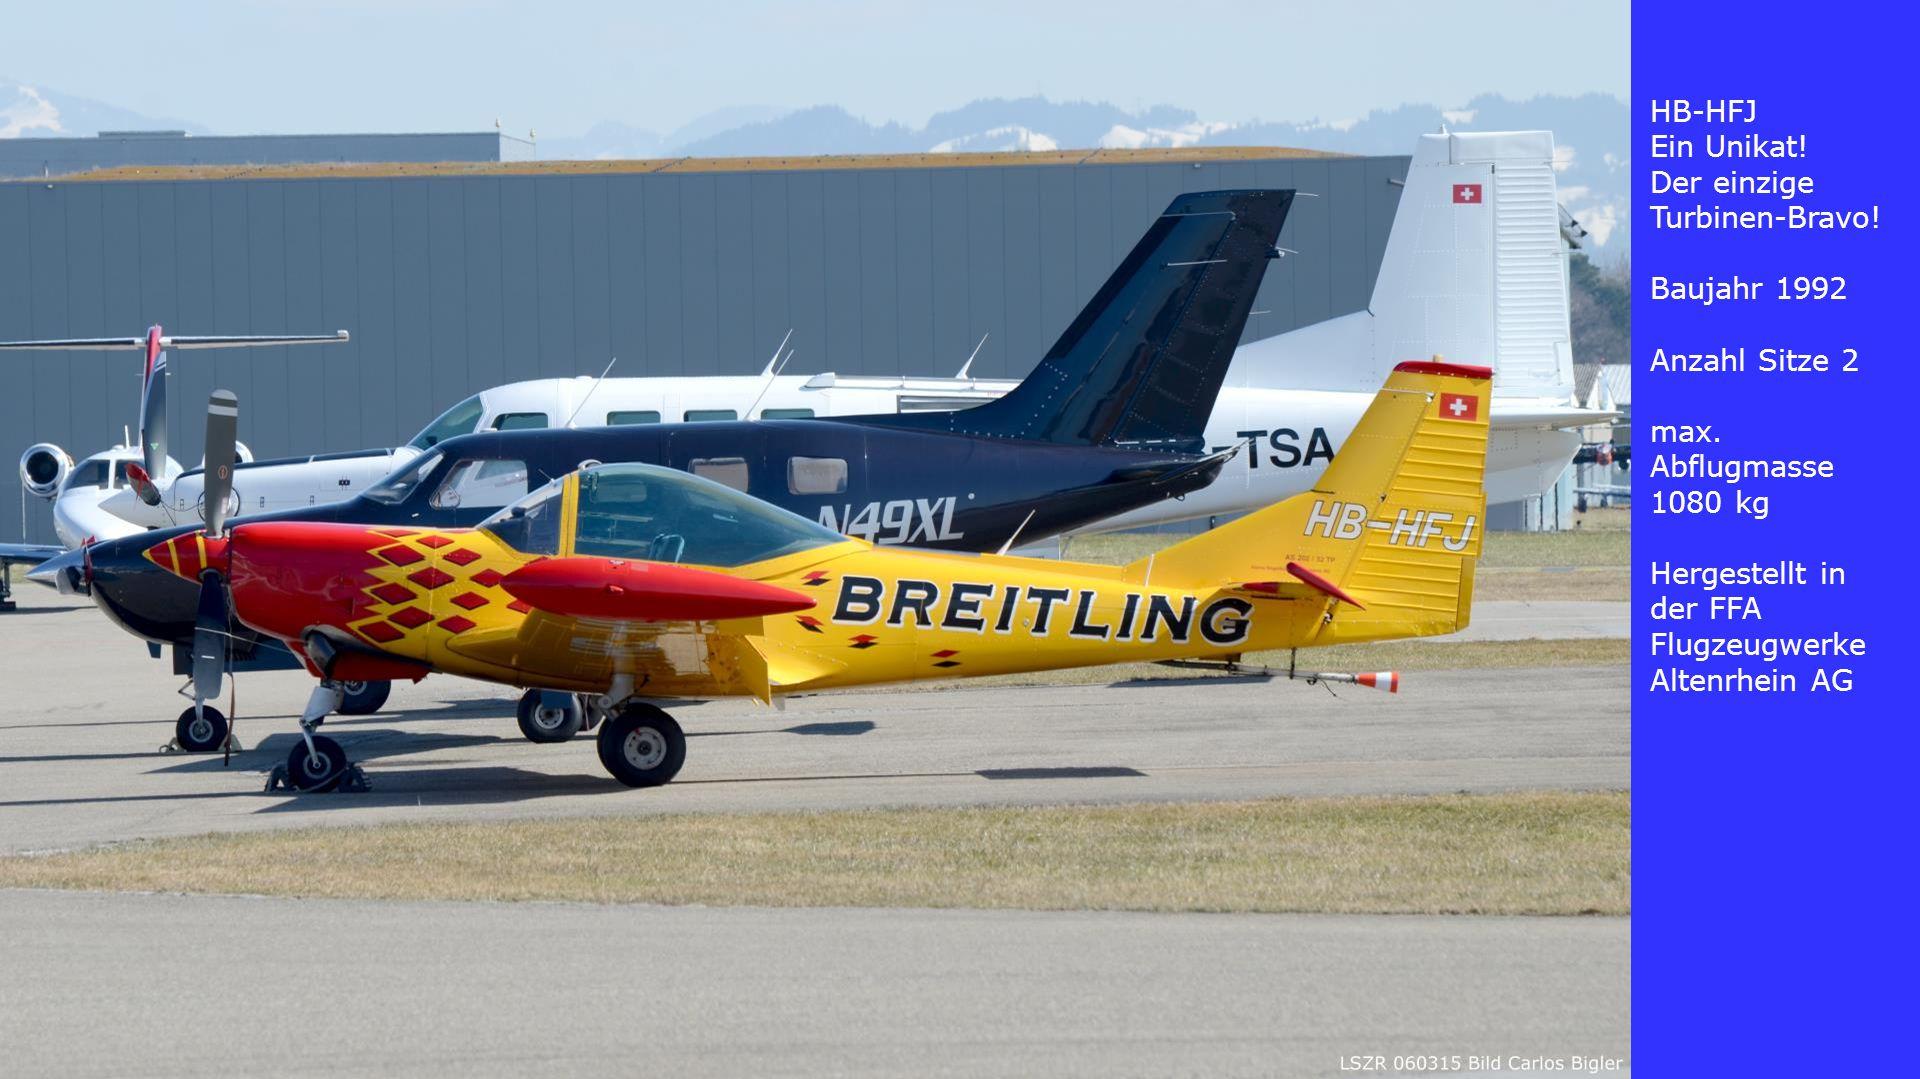 Gulfstream Aerospace G200 passt hier perfekt zur Altenrhein Aviation (siehe Gulfstream Anschrift am Bildrand links).